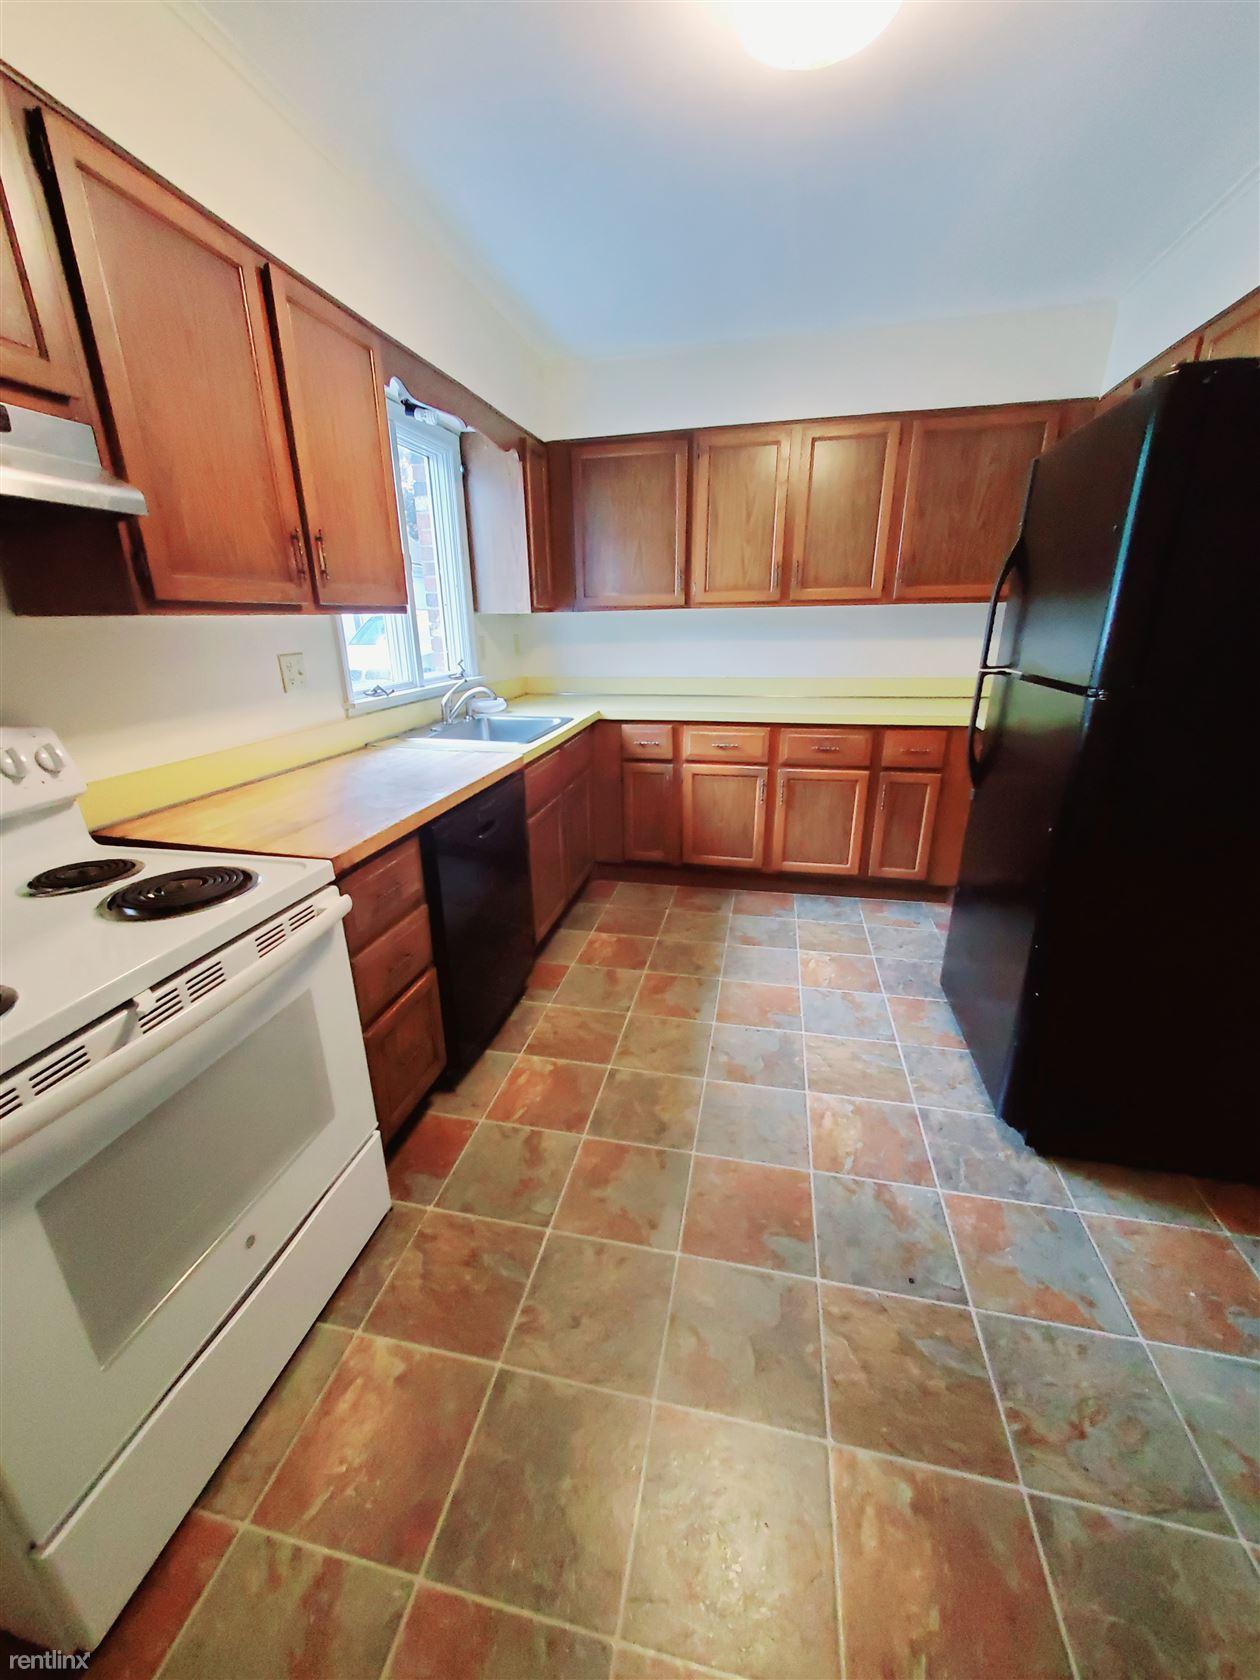 Mariners Ln, Stamford, CT - $2,200